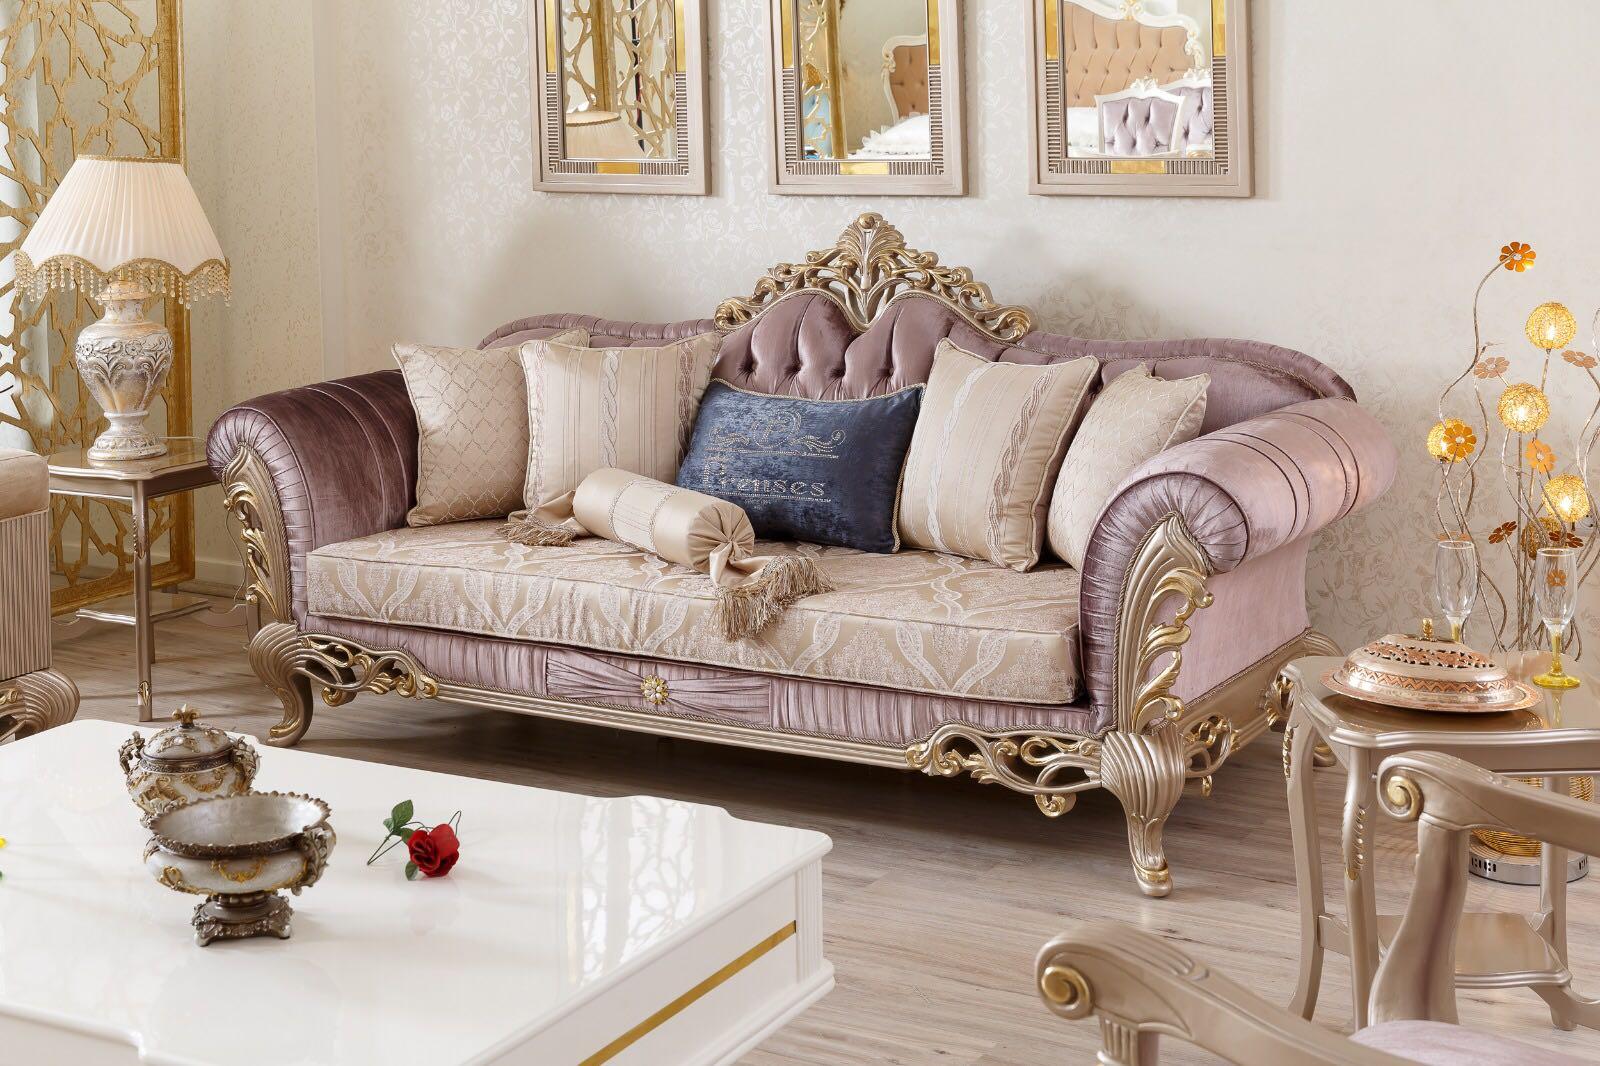 Диван в дворцовом стиле с каретной стяжкой сиреневого цвета